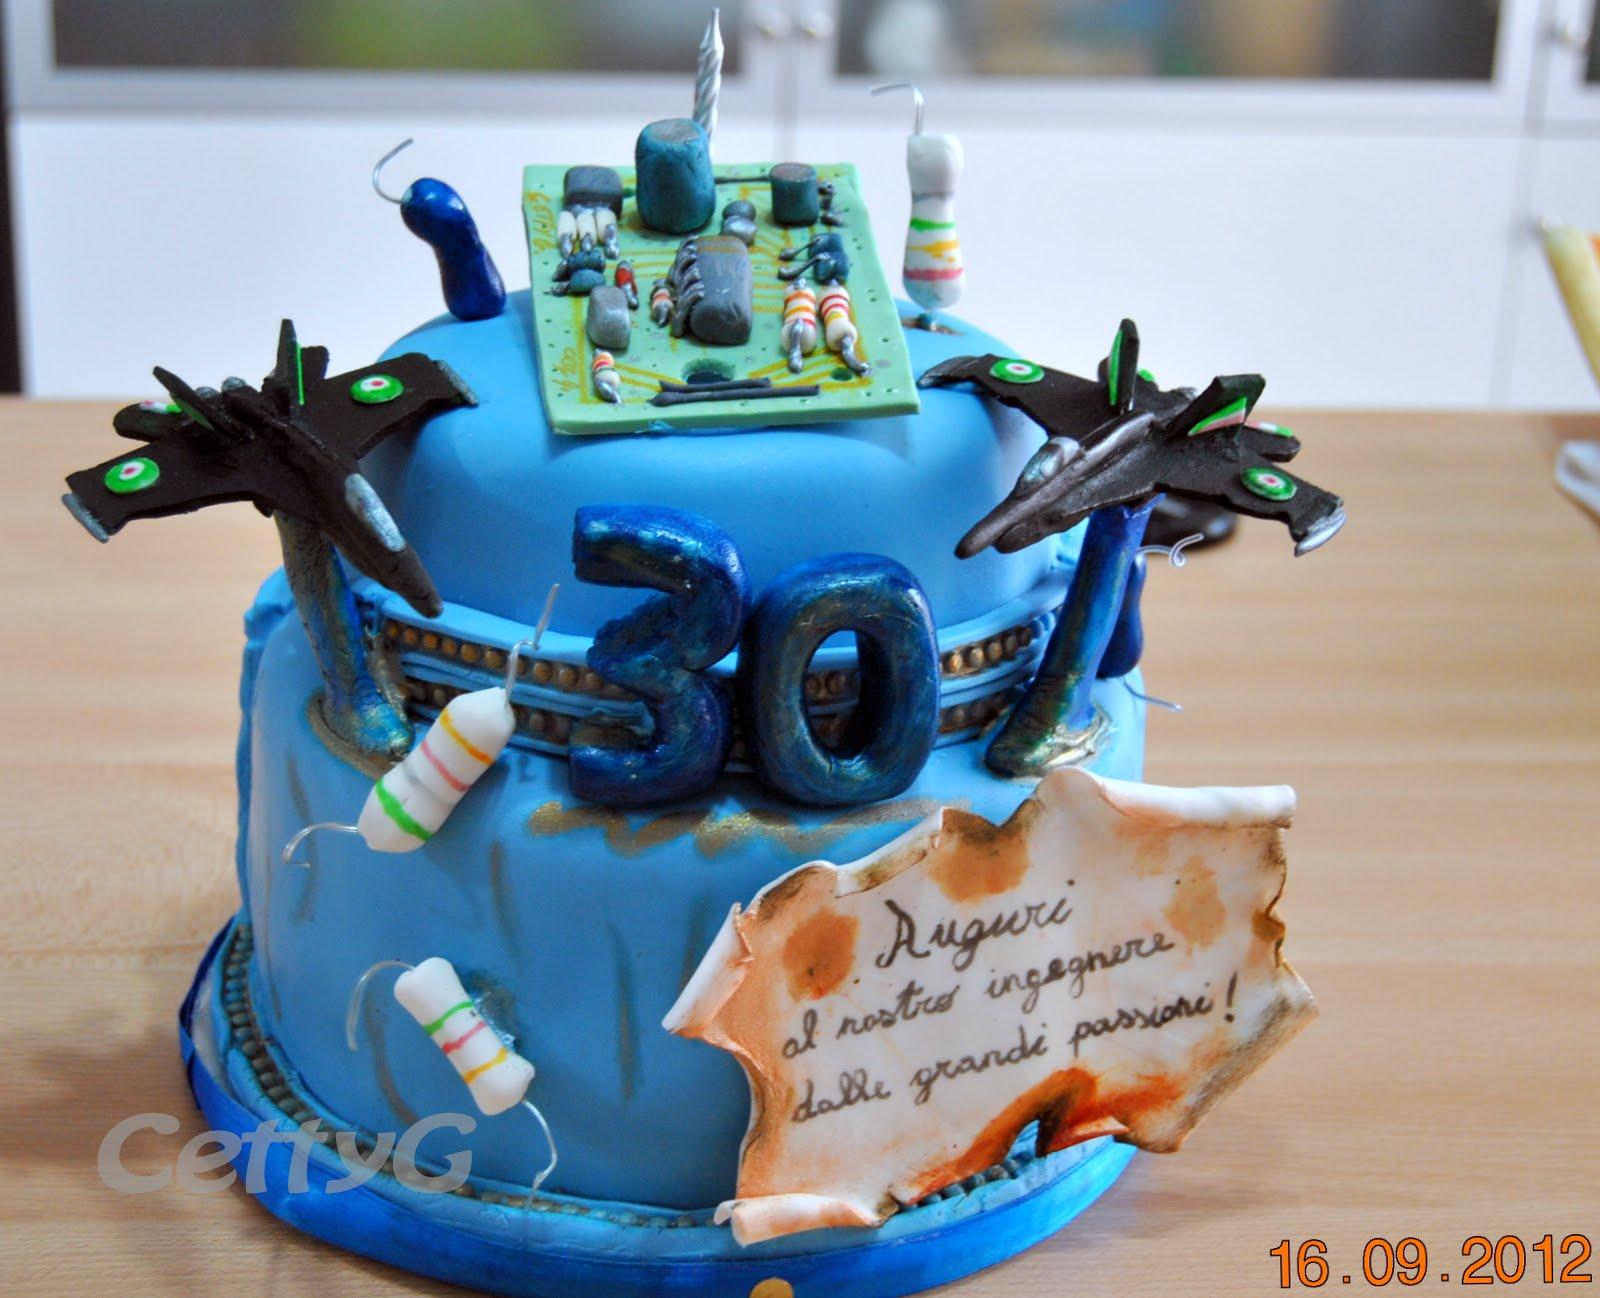 Le torte decorate di cetty g aerei e circuiti elettronici for Piani di fattoria di un livello